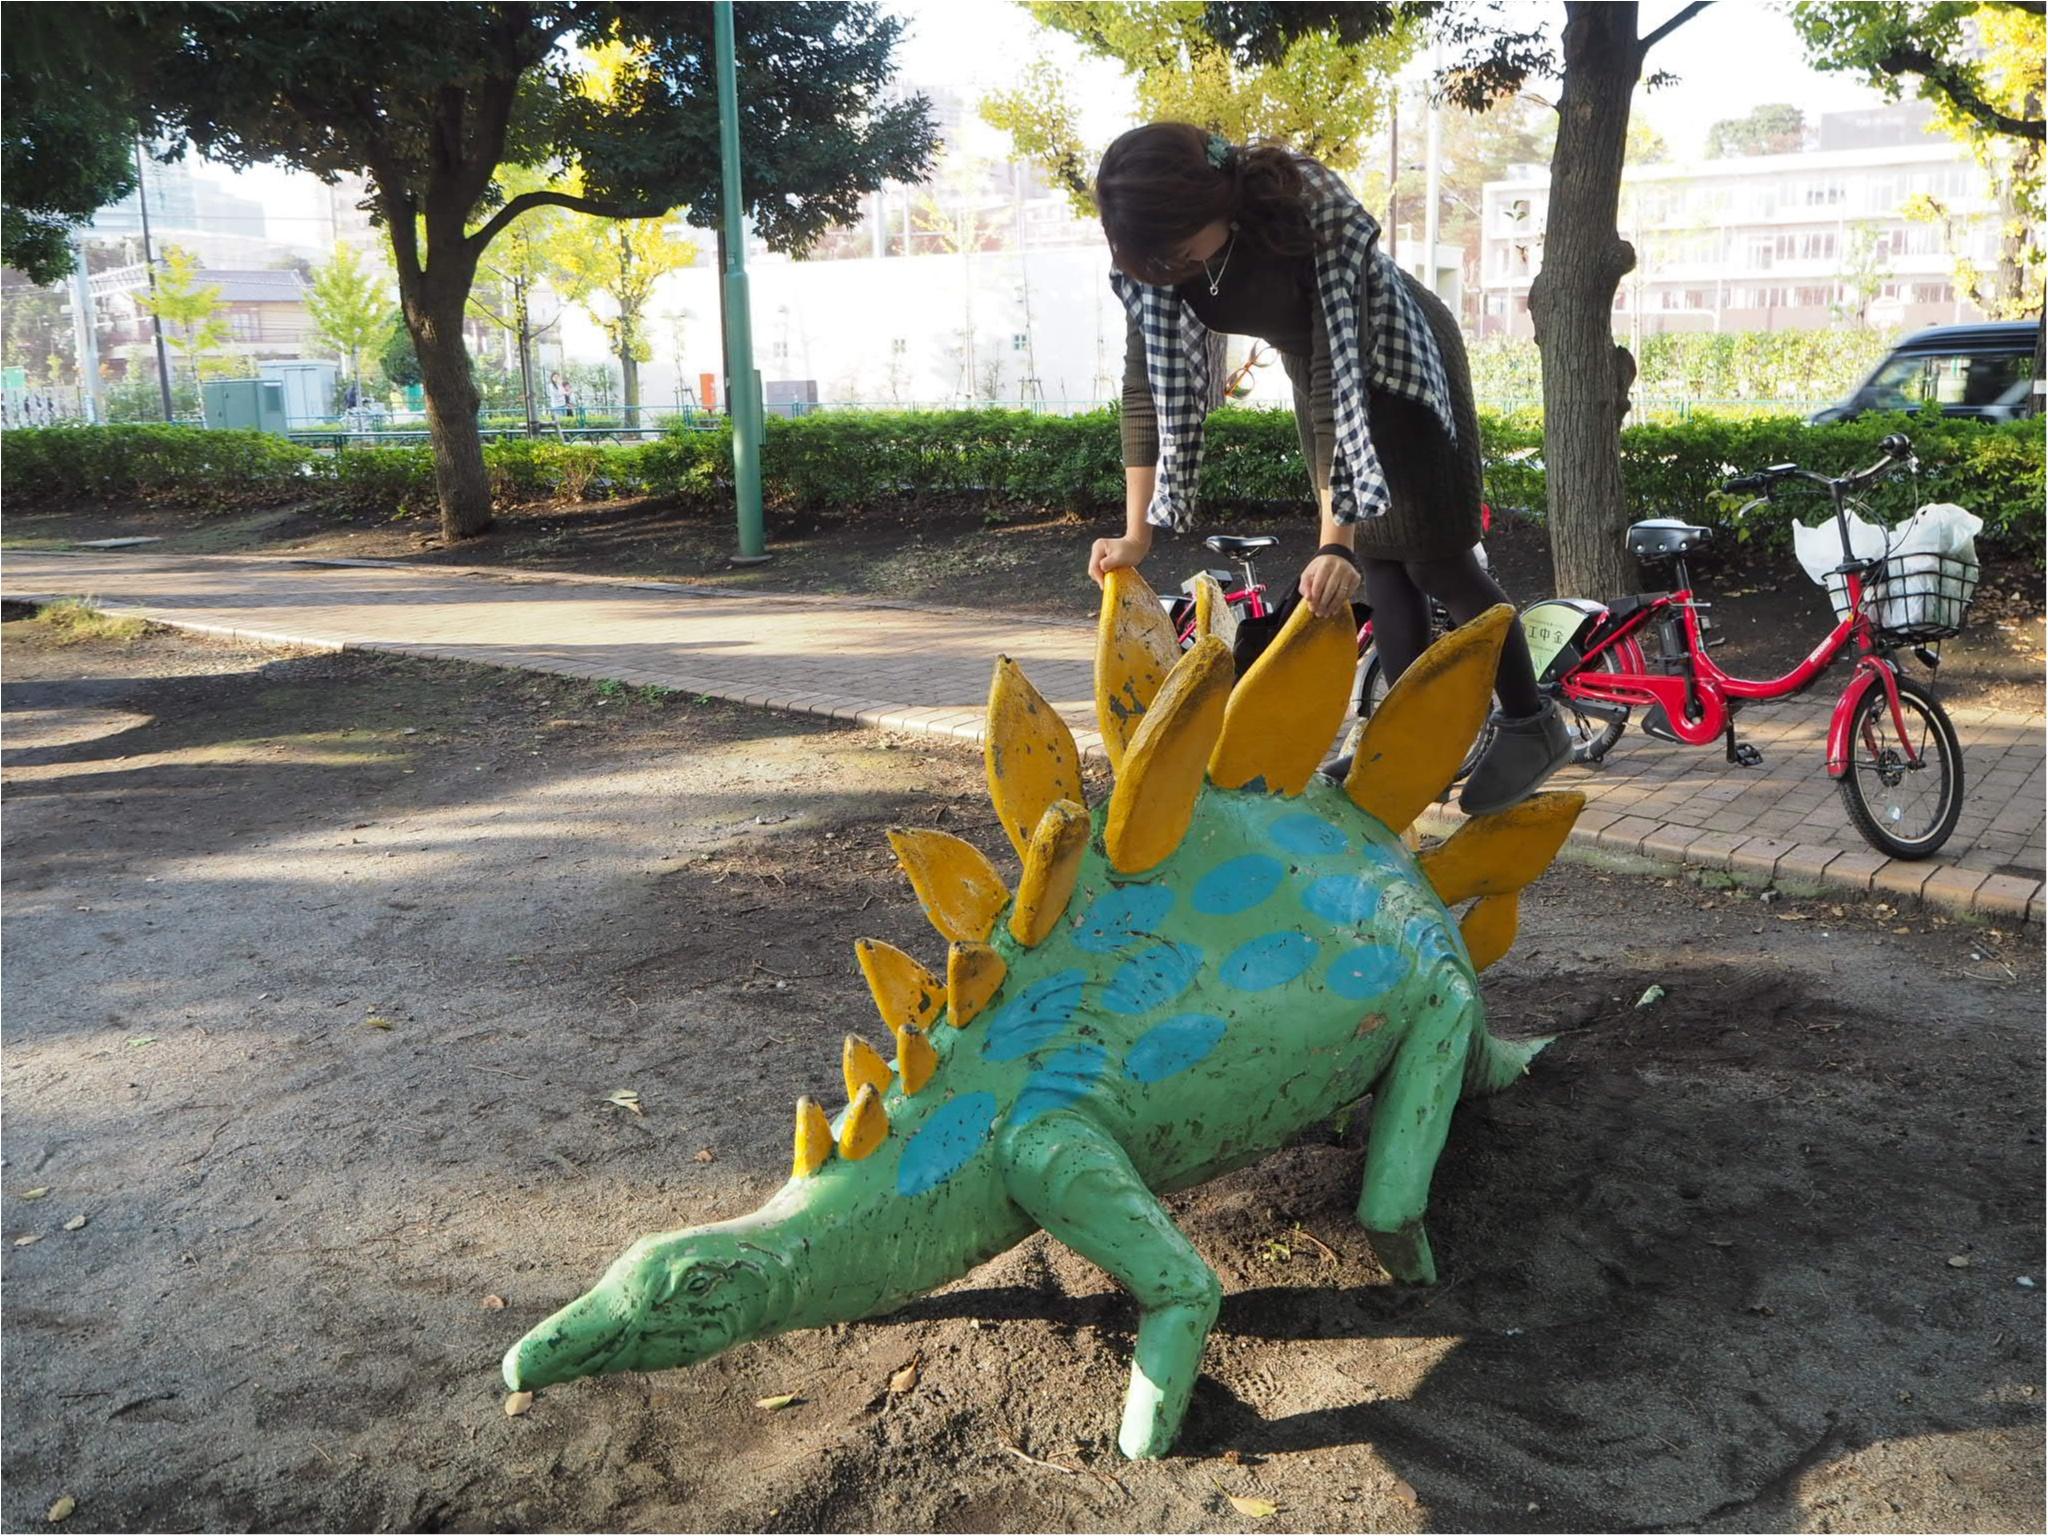 ≪あ!MORE12月号の付録が目の前に?≫恐竜たちと一緒にワントーンコーデに足元はUGGブーツで冬支度♪_2